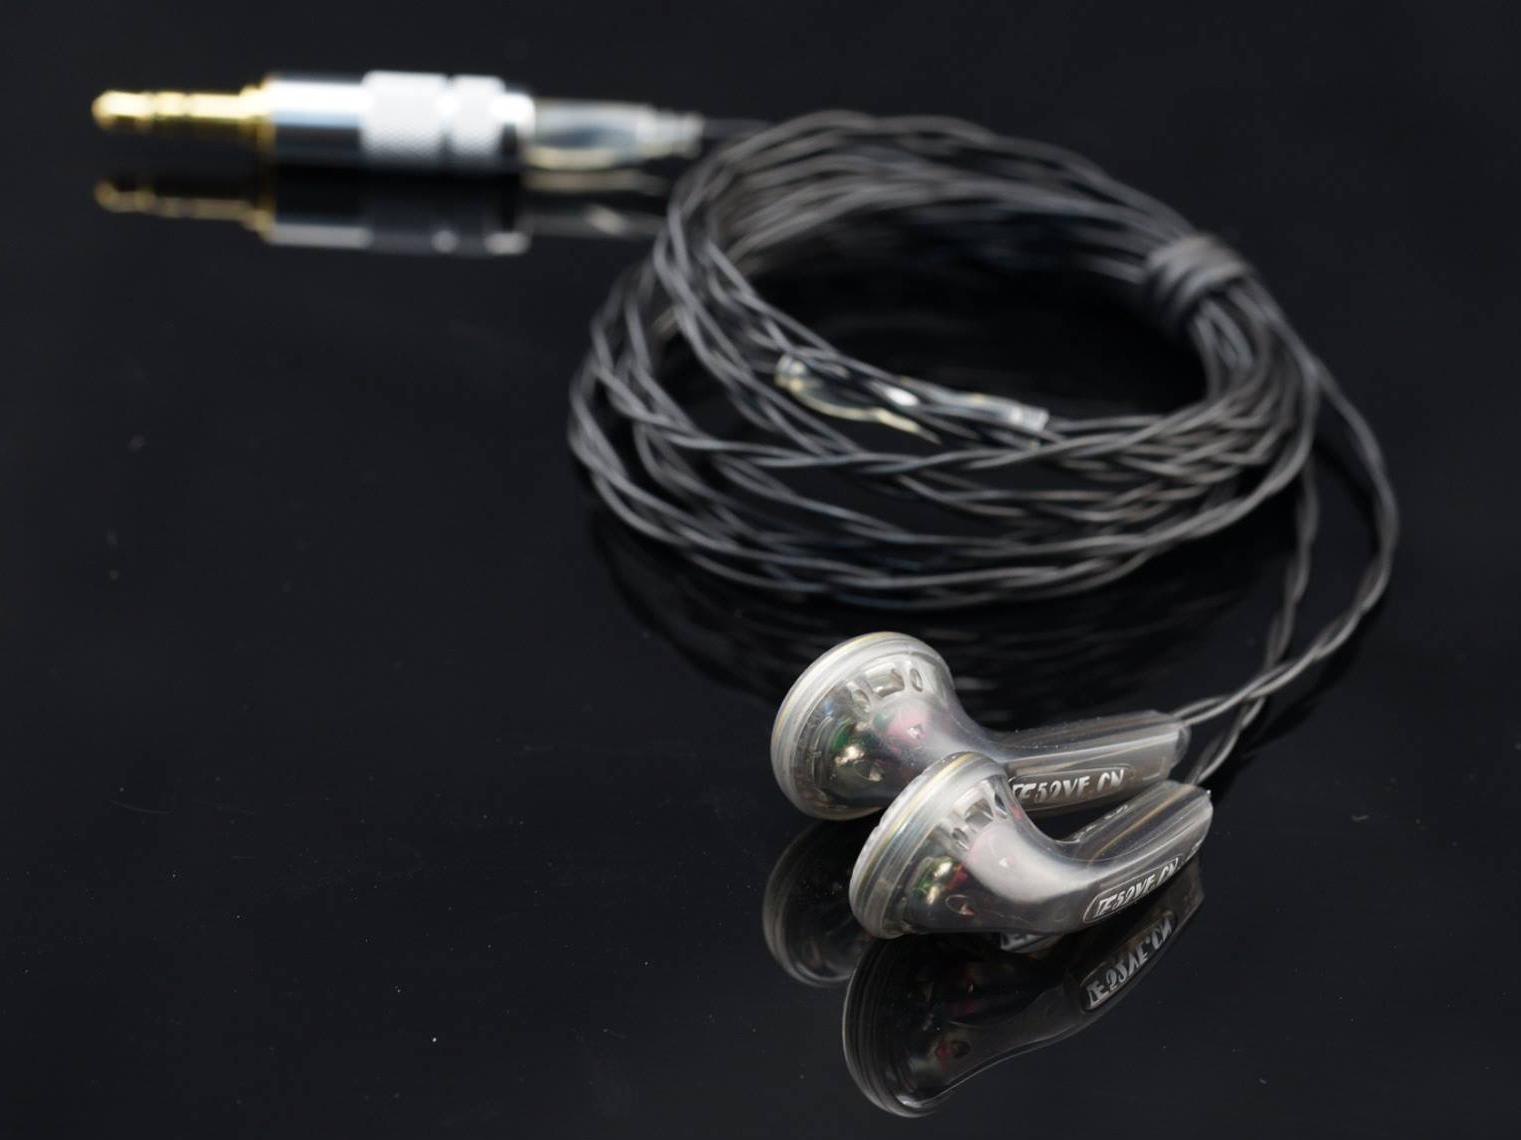 ขาย VE ZEN 2.0 Black Edition หูฟัง Hi-End ระดับเทพ รุ่นพัฒนาคุณภาพเสียง